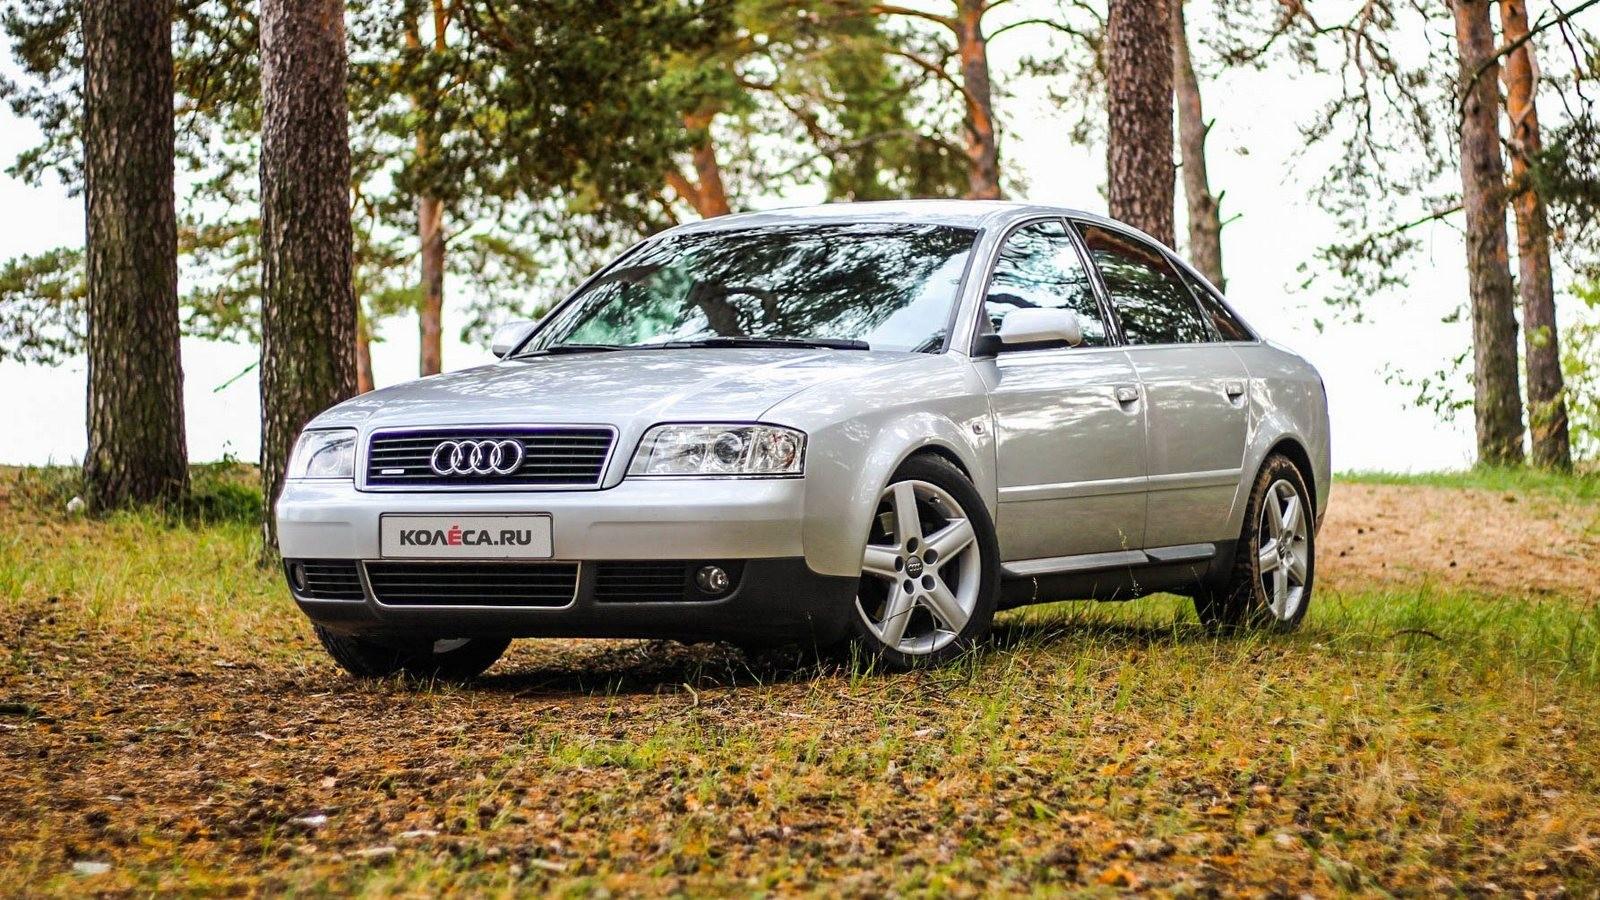 Audi A6 II три четверти (9)